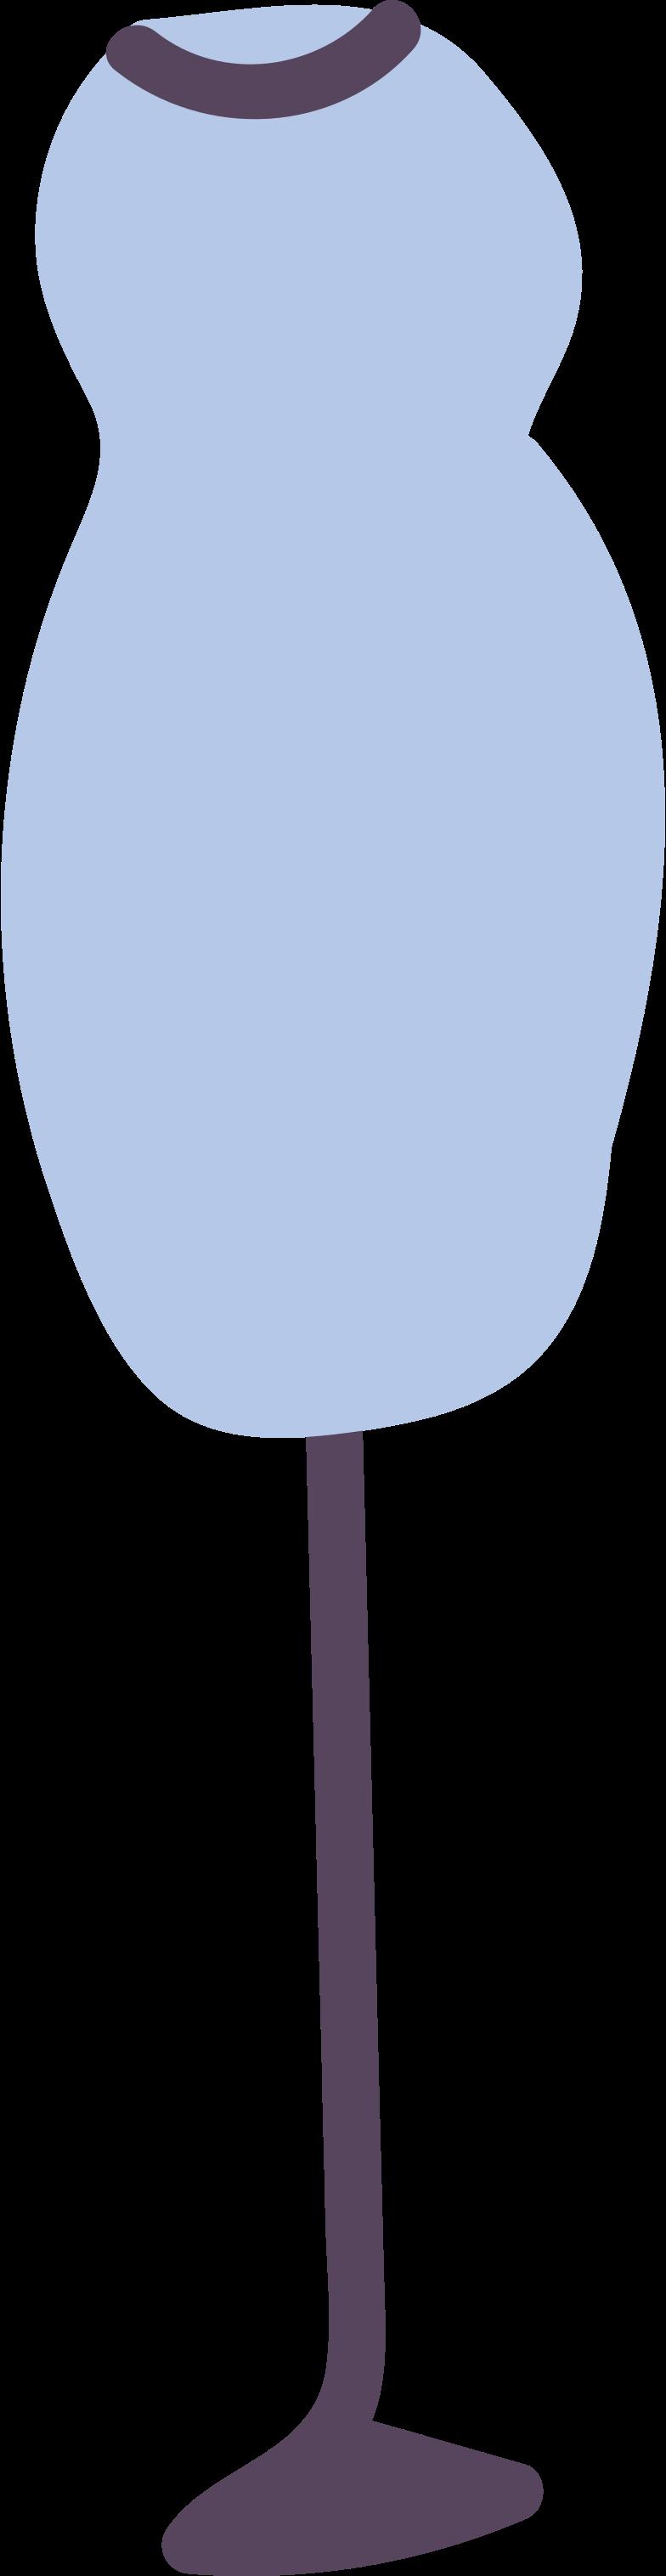 mannequin Clipart illustration in PNG, SVG